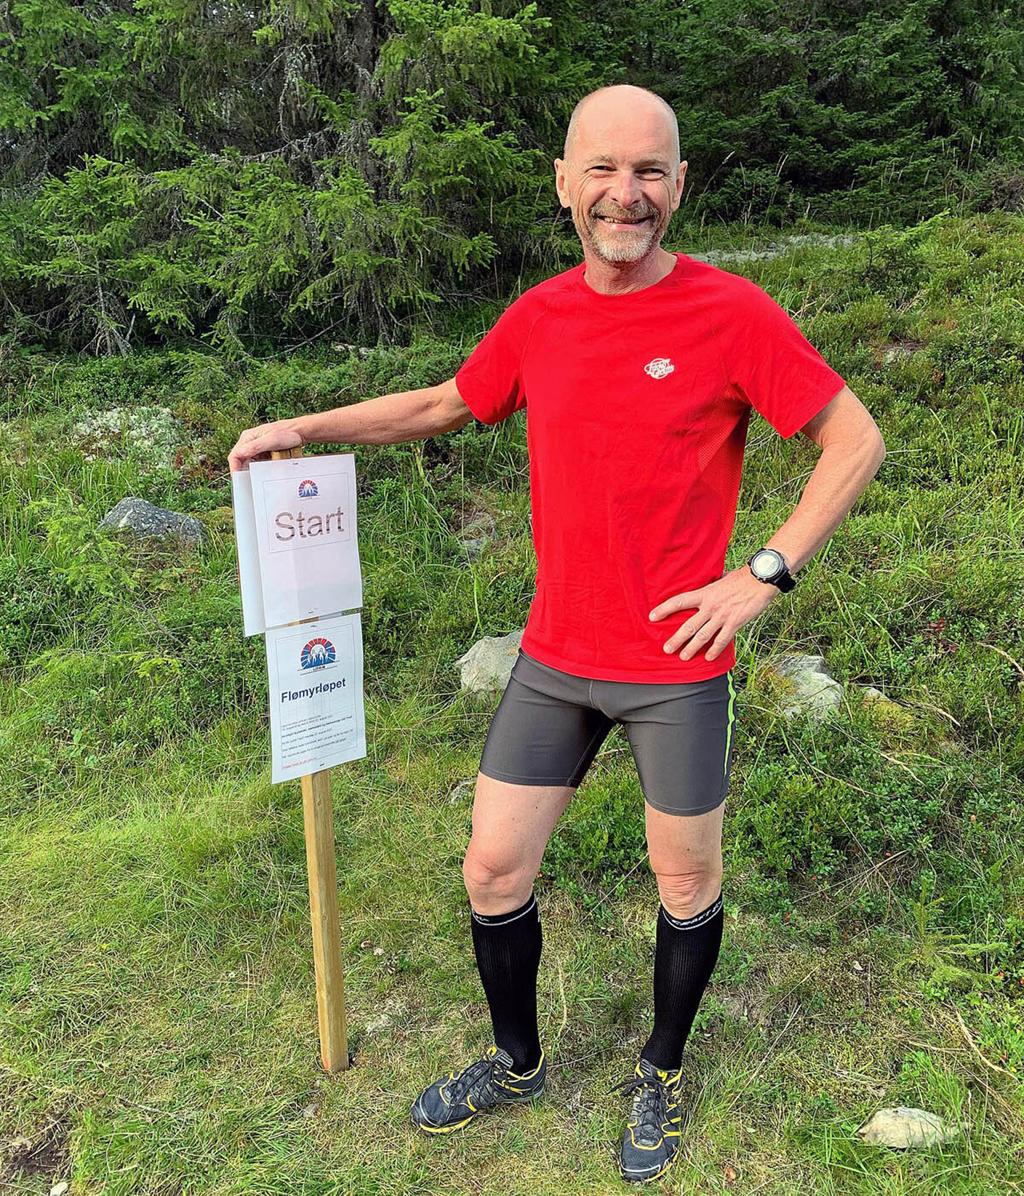 08 Åge Solheim er talsmann for at vi skal beholde virtuelle løp - Onsdag var han opptatt og da er det fint å løpe dagen etter.jpg